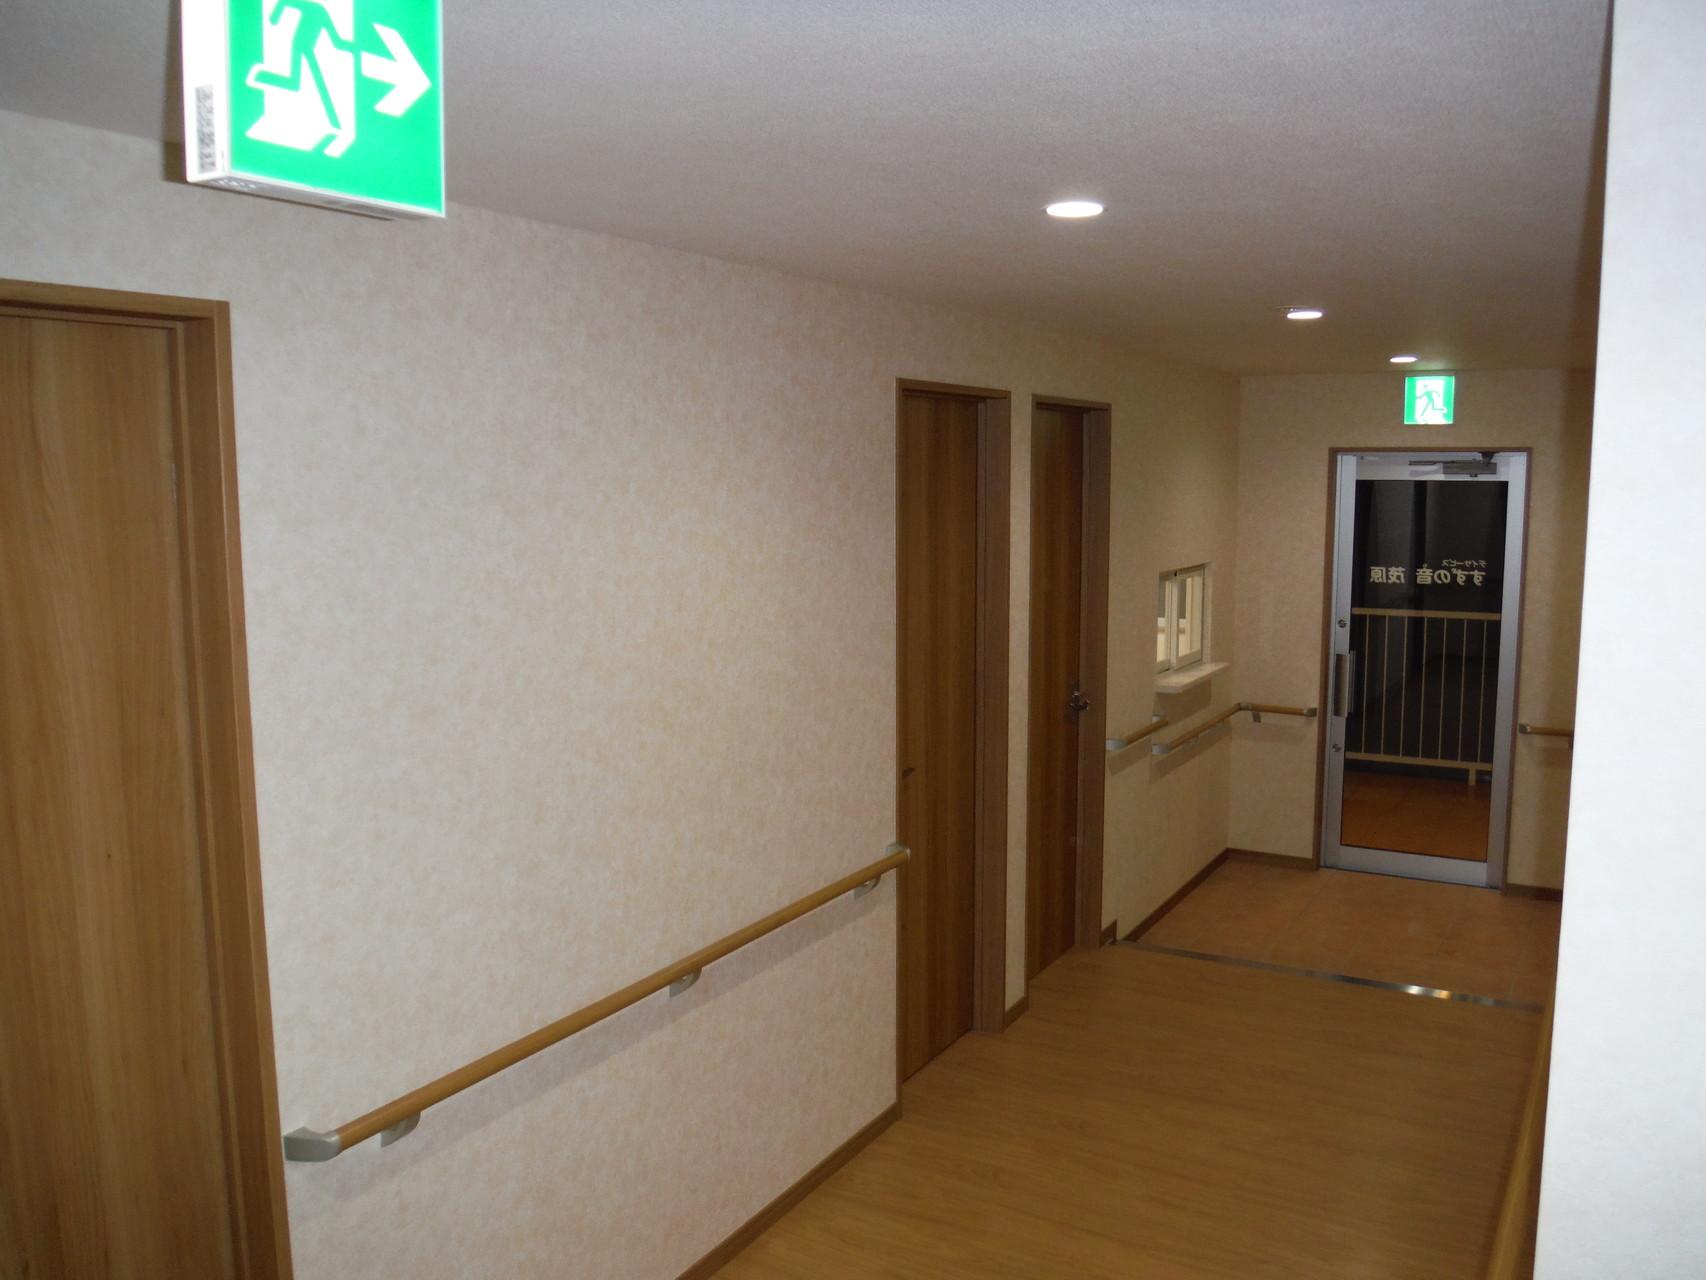 廊下 -手すり設置-